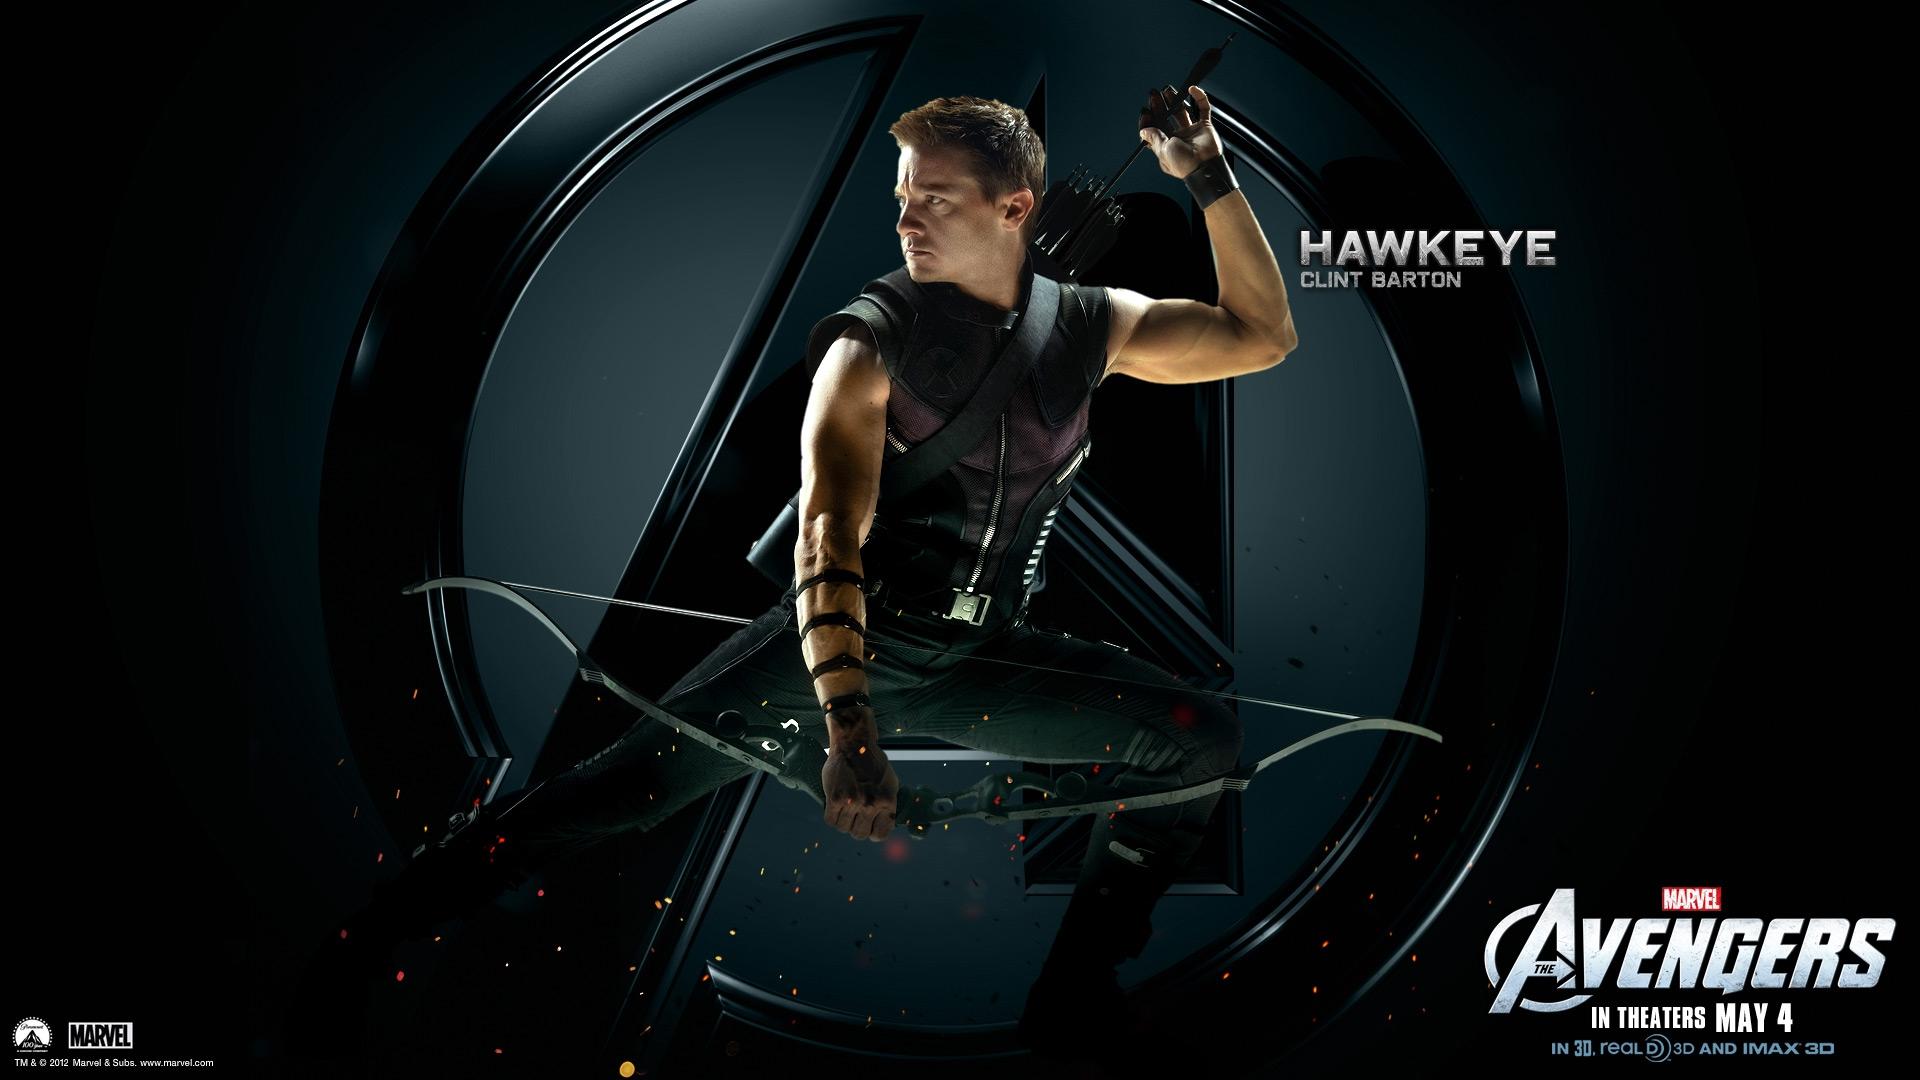 hawkeye movie hd